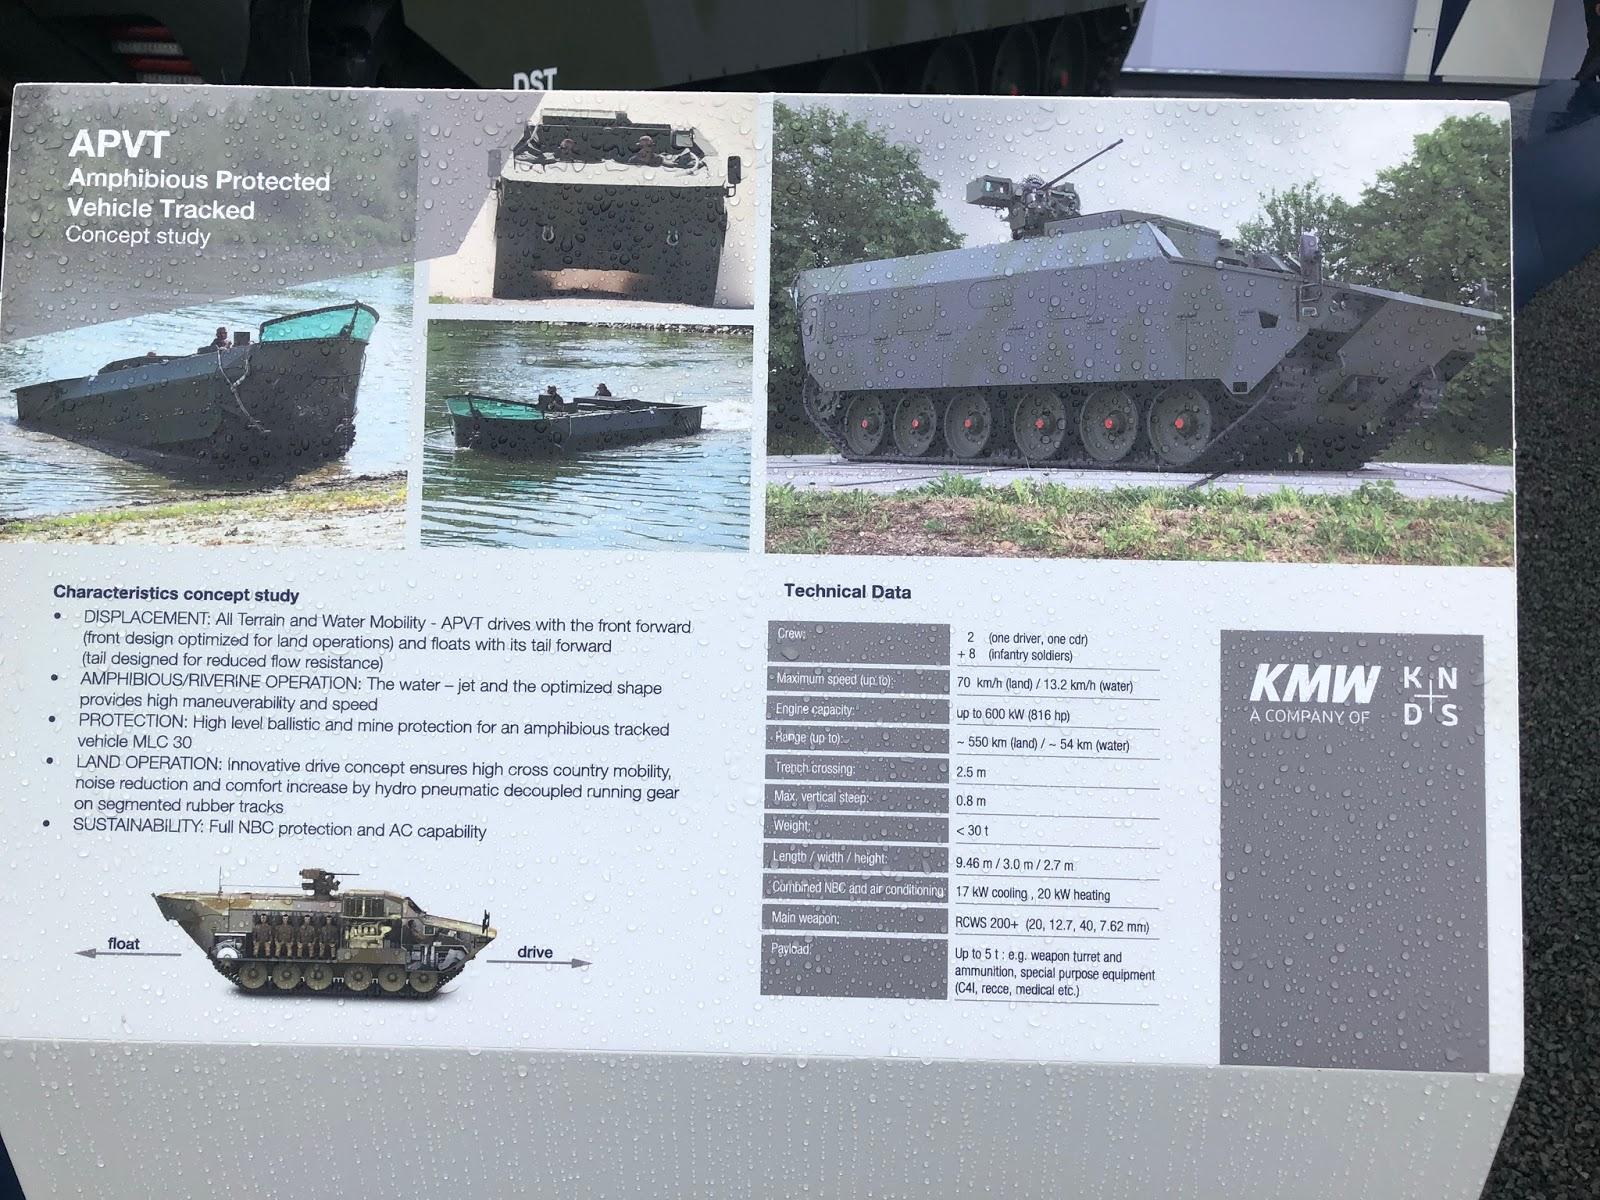 Industrie de defense Allemande / die deutsche Rüstungsindustrie - Page 4 3529